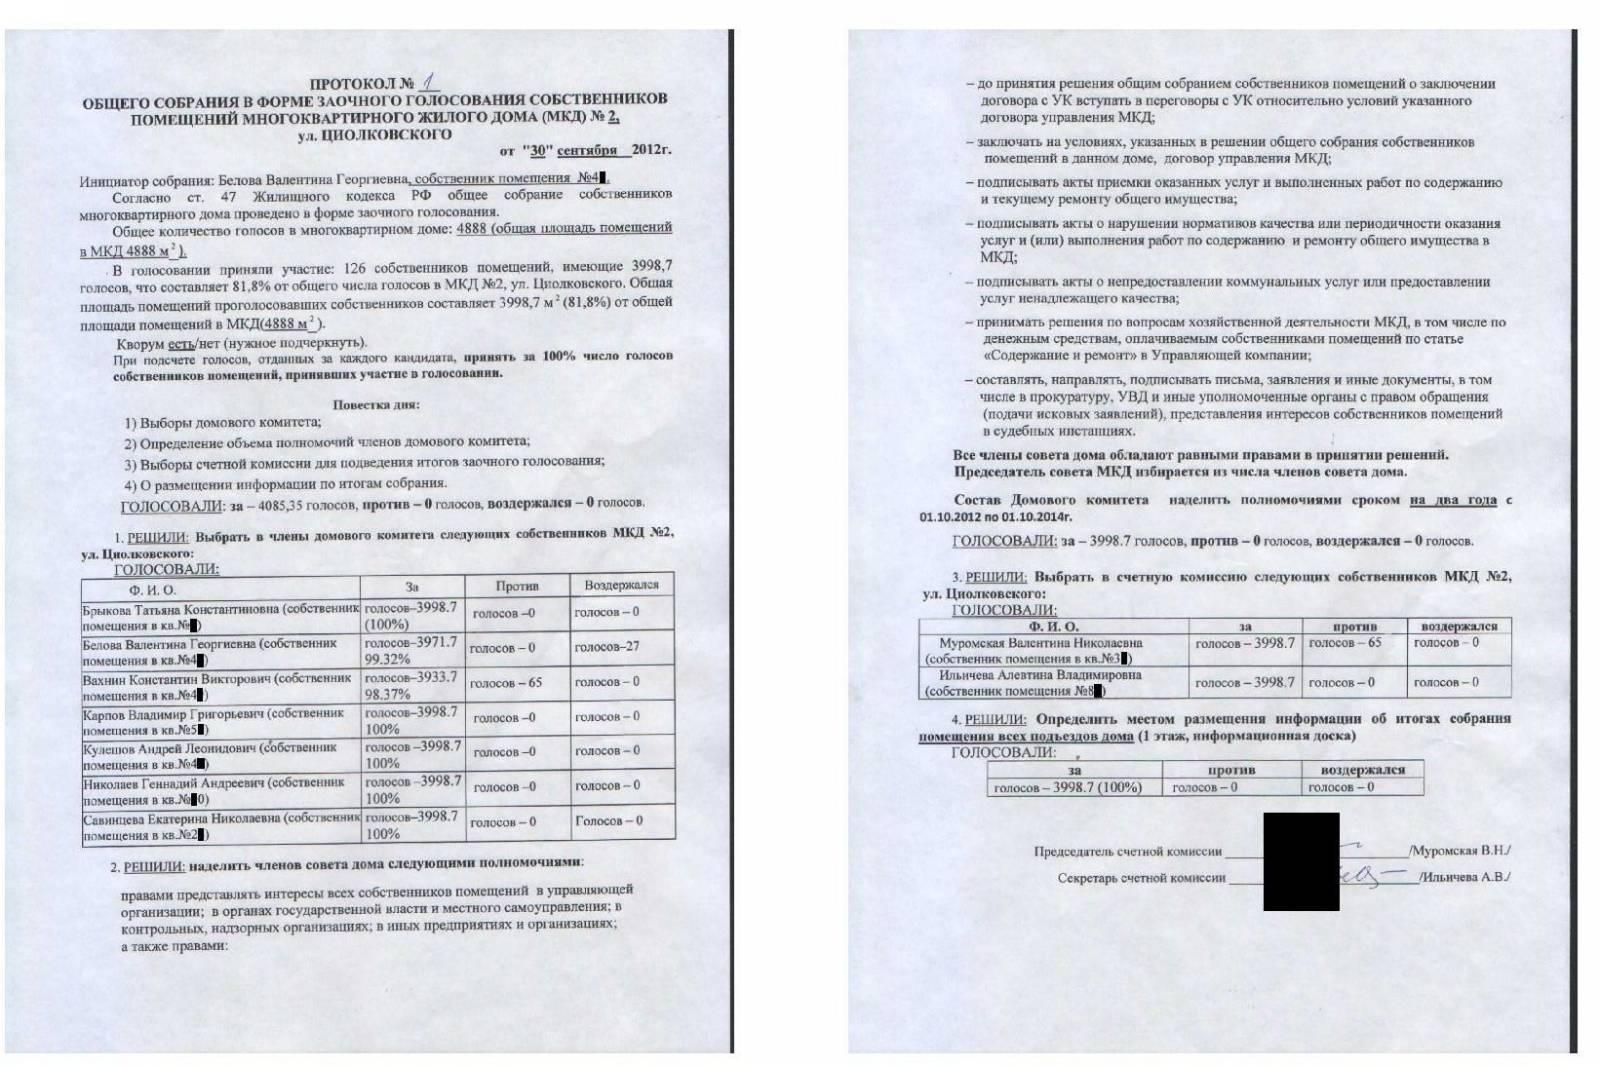 Документы для оформления шенгенской визы в Австрию